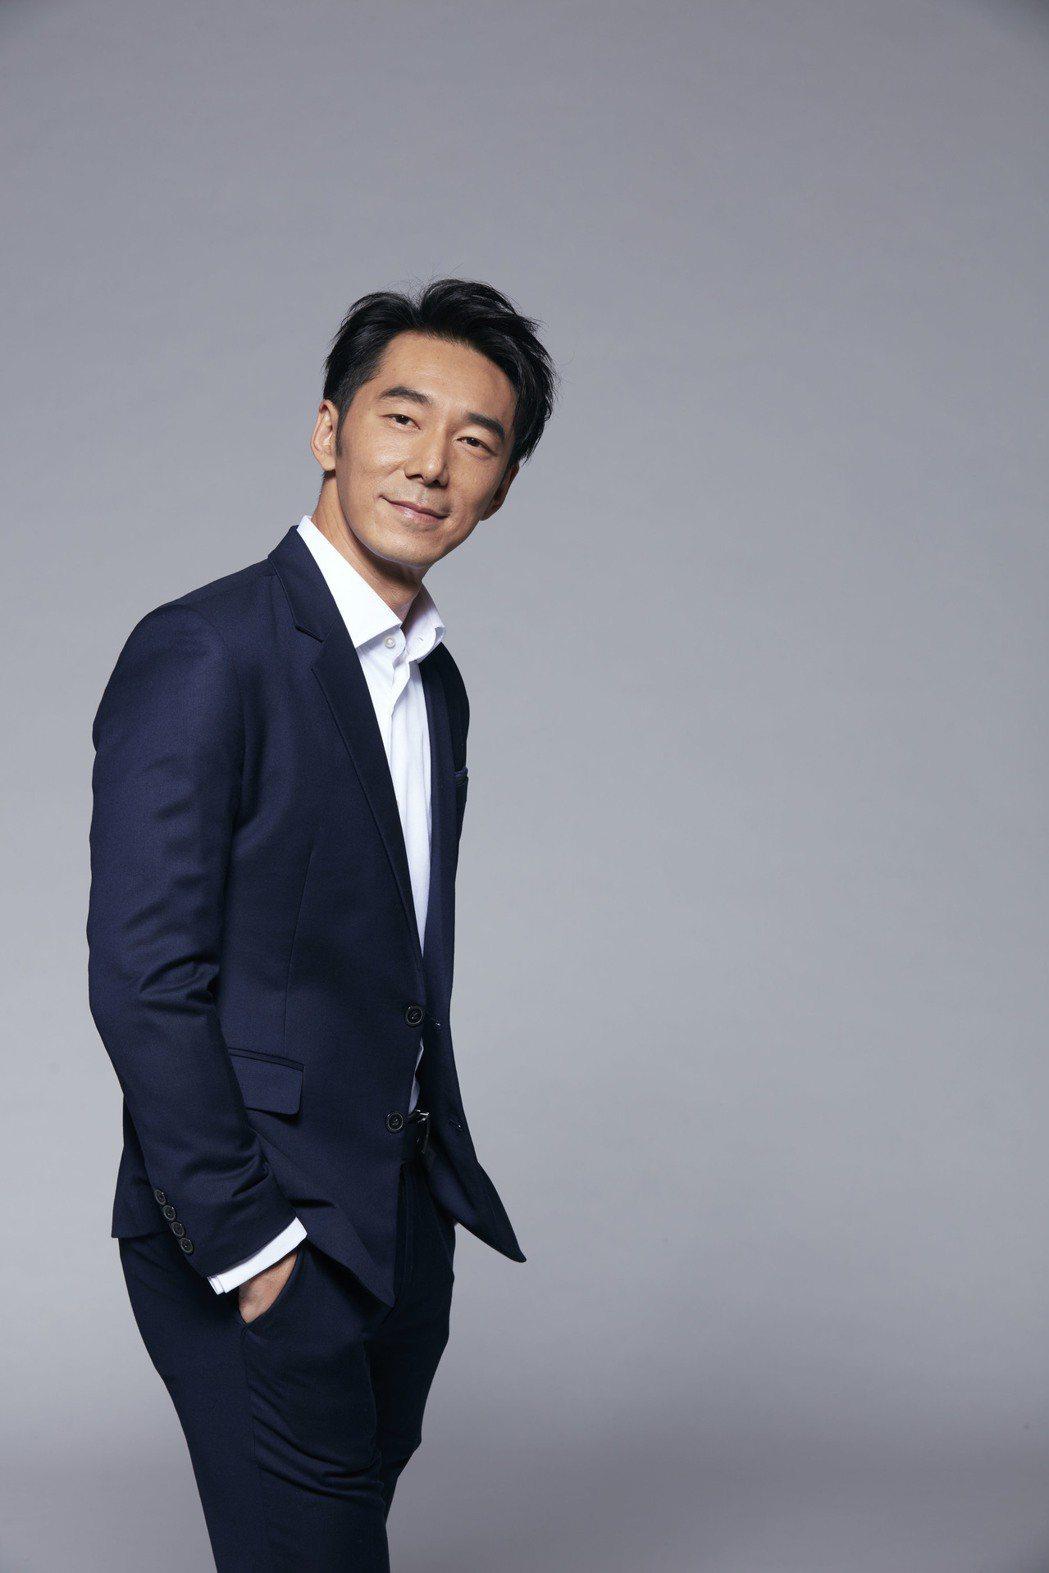 李李仁最跨尺度演出,低胸濃妝演出「Miss Andy 」。圖/滿滿額提供